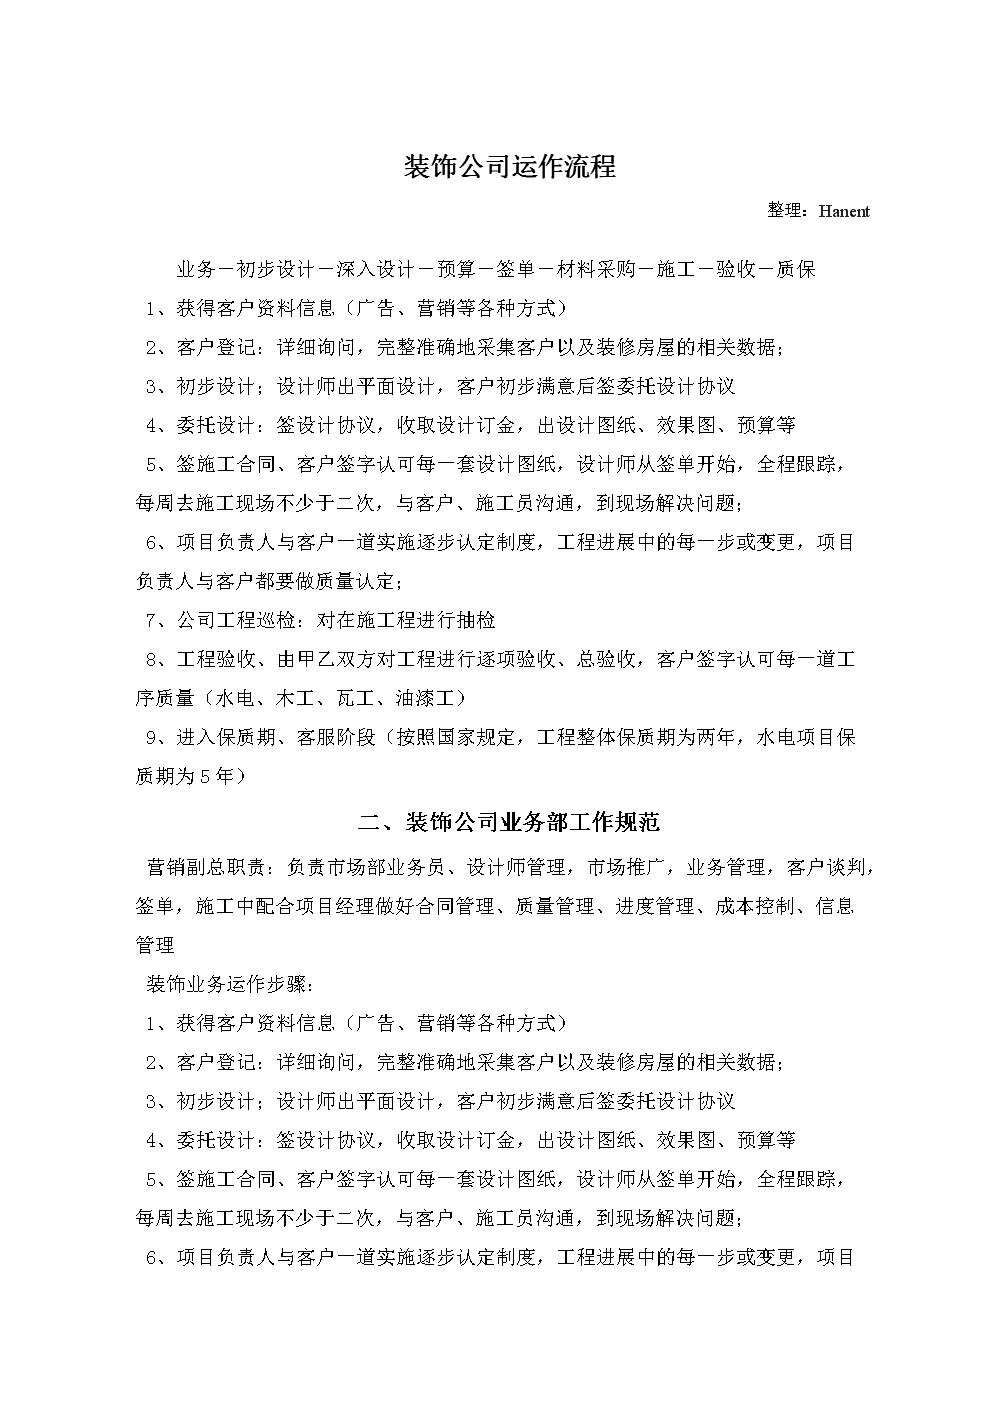 2019年装饰公司运作流程详解.doc